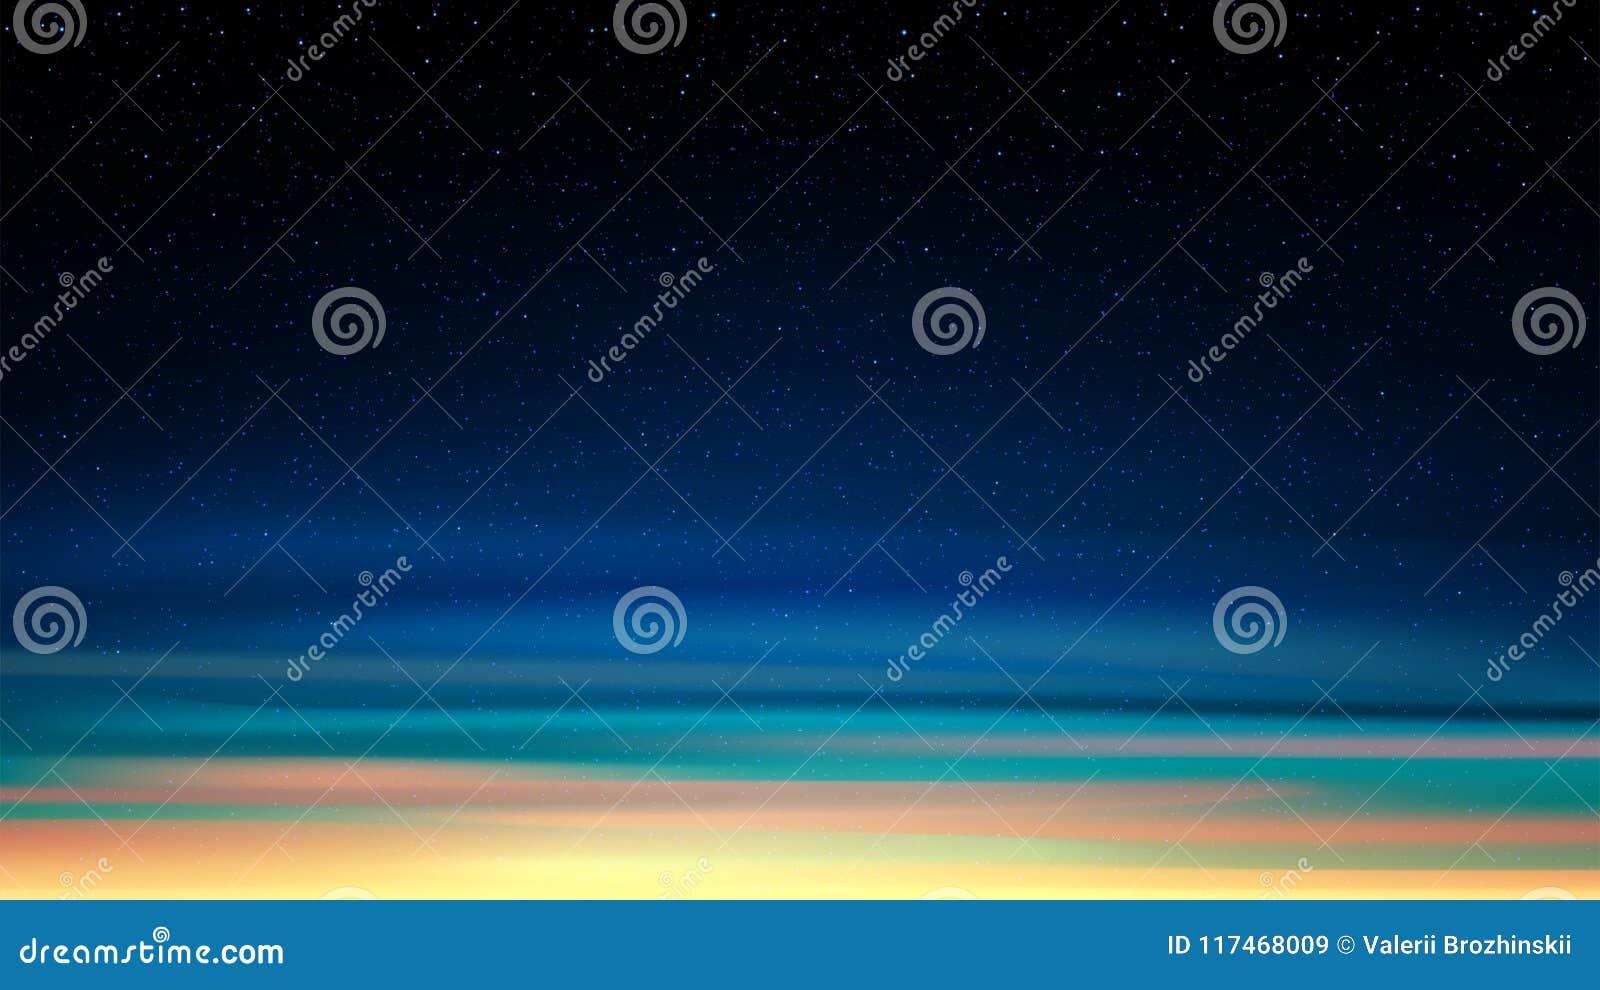 Glänsande stjärnklar himmel för afton, nattbakgrund med stjärnor, utrymme, solnedgånghimmel